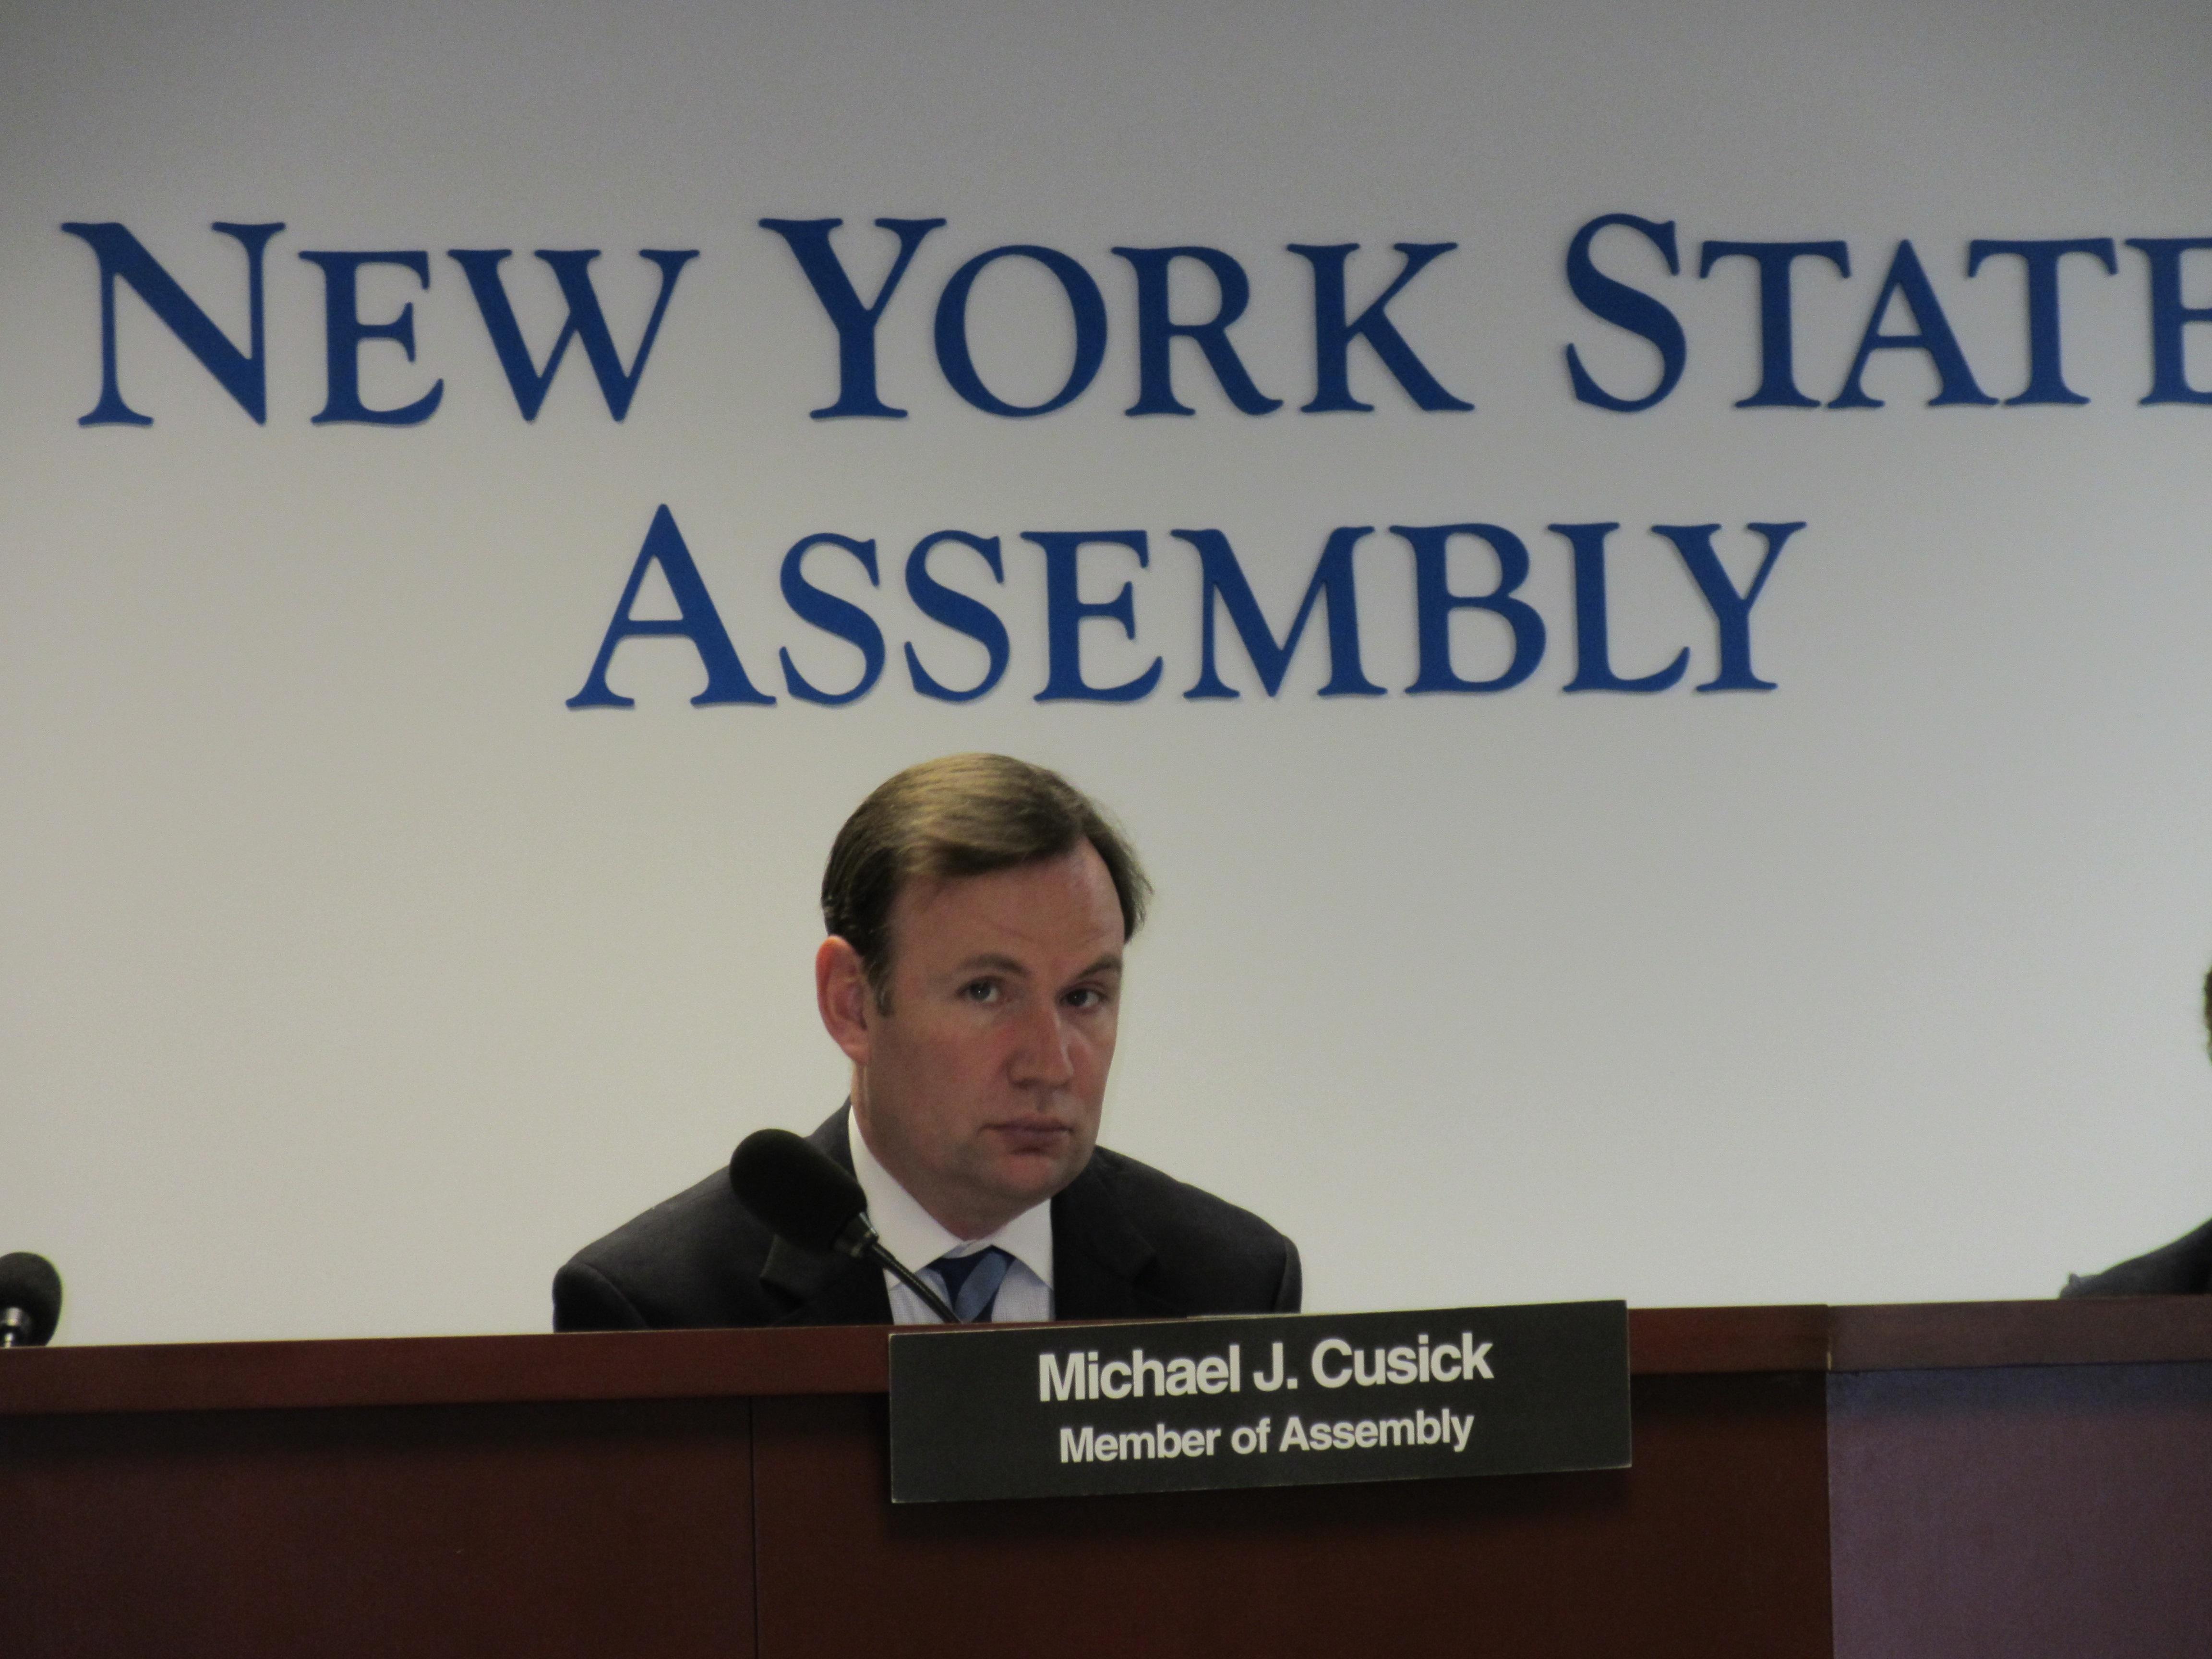 Assemblyman Michael Cusick (Photo: Will Bredderman).